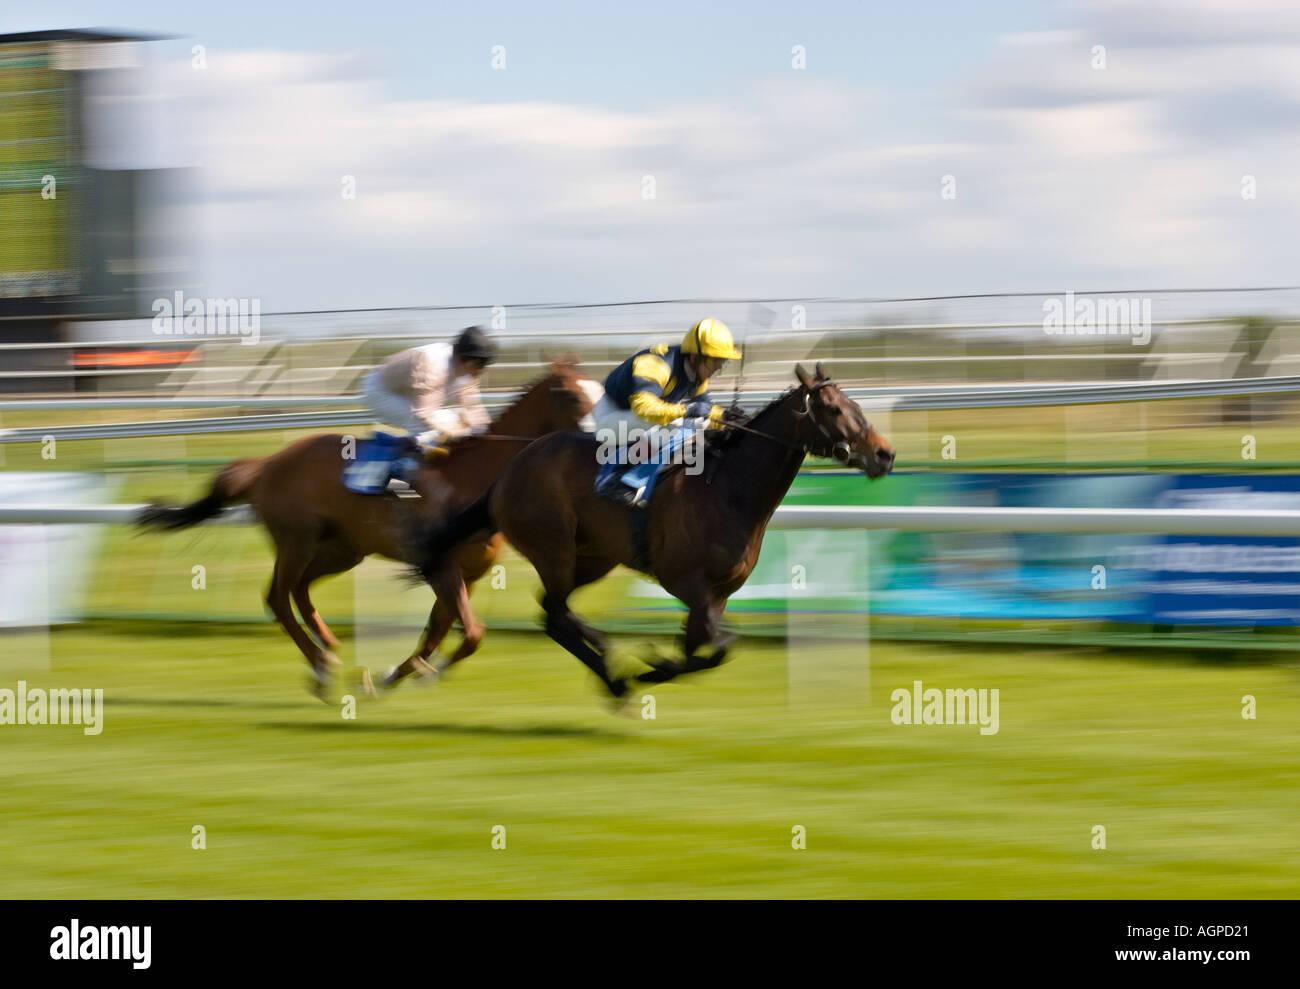 Las carreras de caballos en una carrera por la línea de meta Imagen De Stock